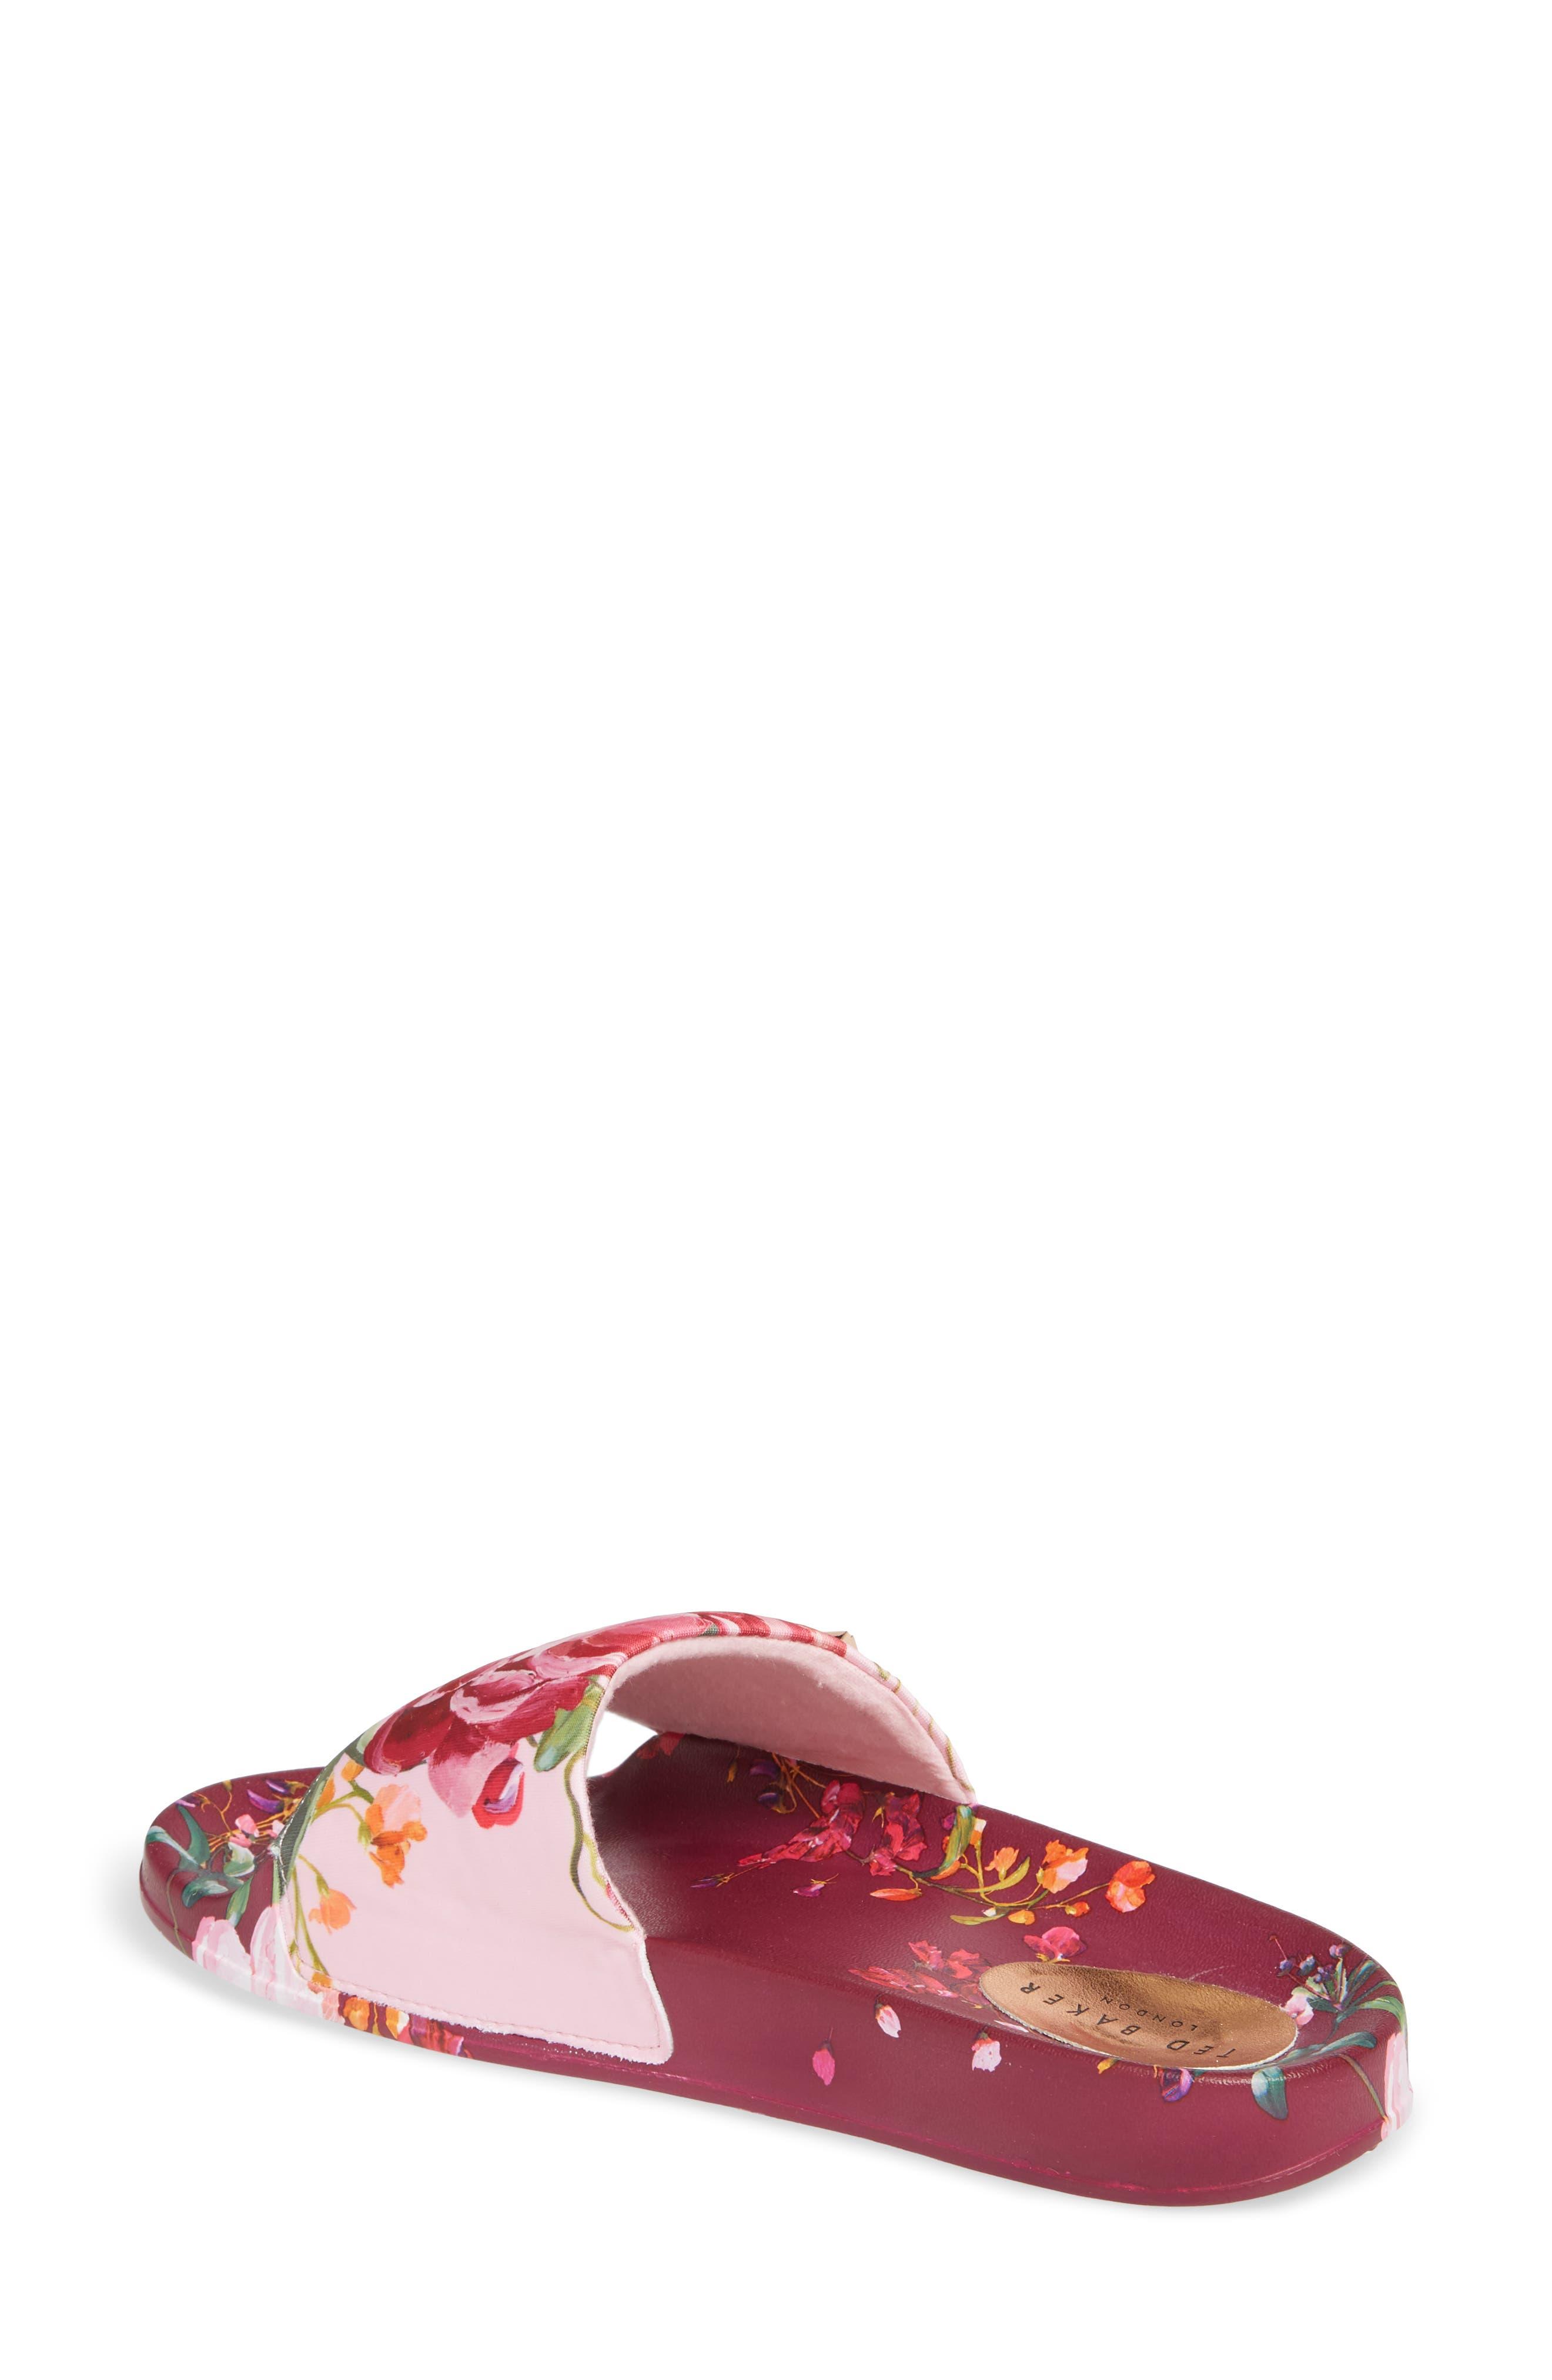 Qarla Slide Sandal,                             Alternate thumbnail 2, color,                             SERENITY LEATHER